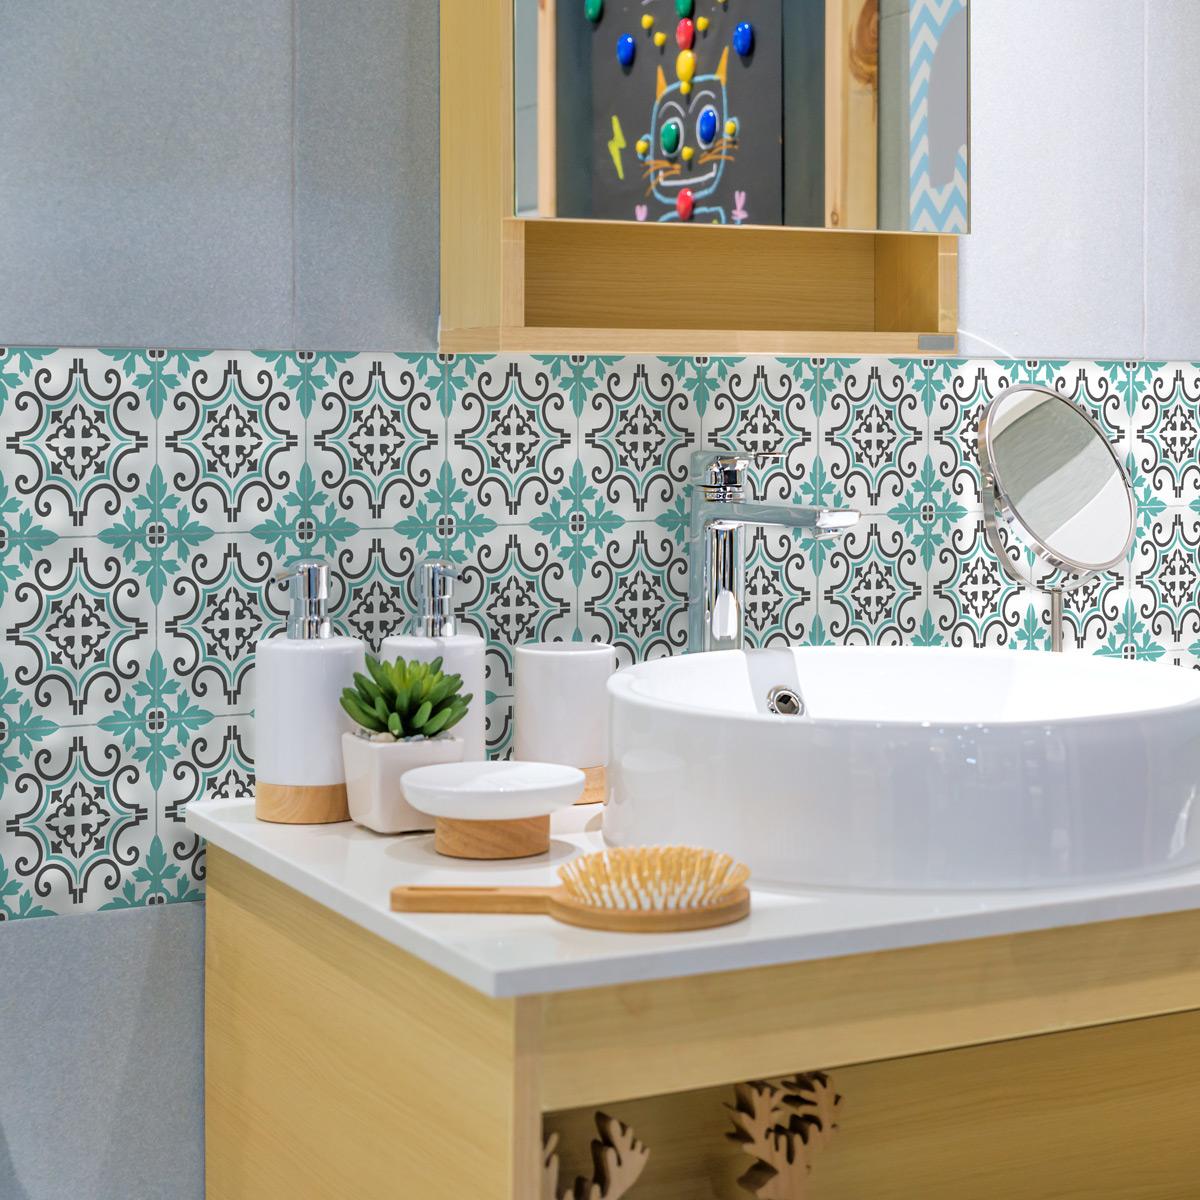 9 stickers carreaux de ciment azulejos renata cuisine carrelages ambiance sticker. Black Bedroom Furniture Sets. Home Design Ideas